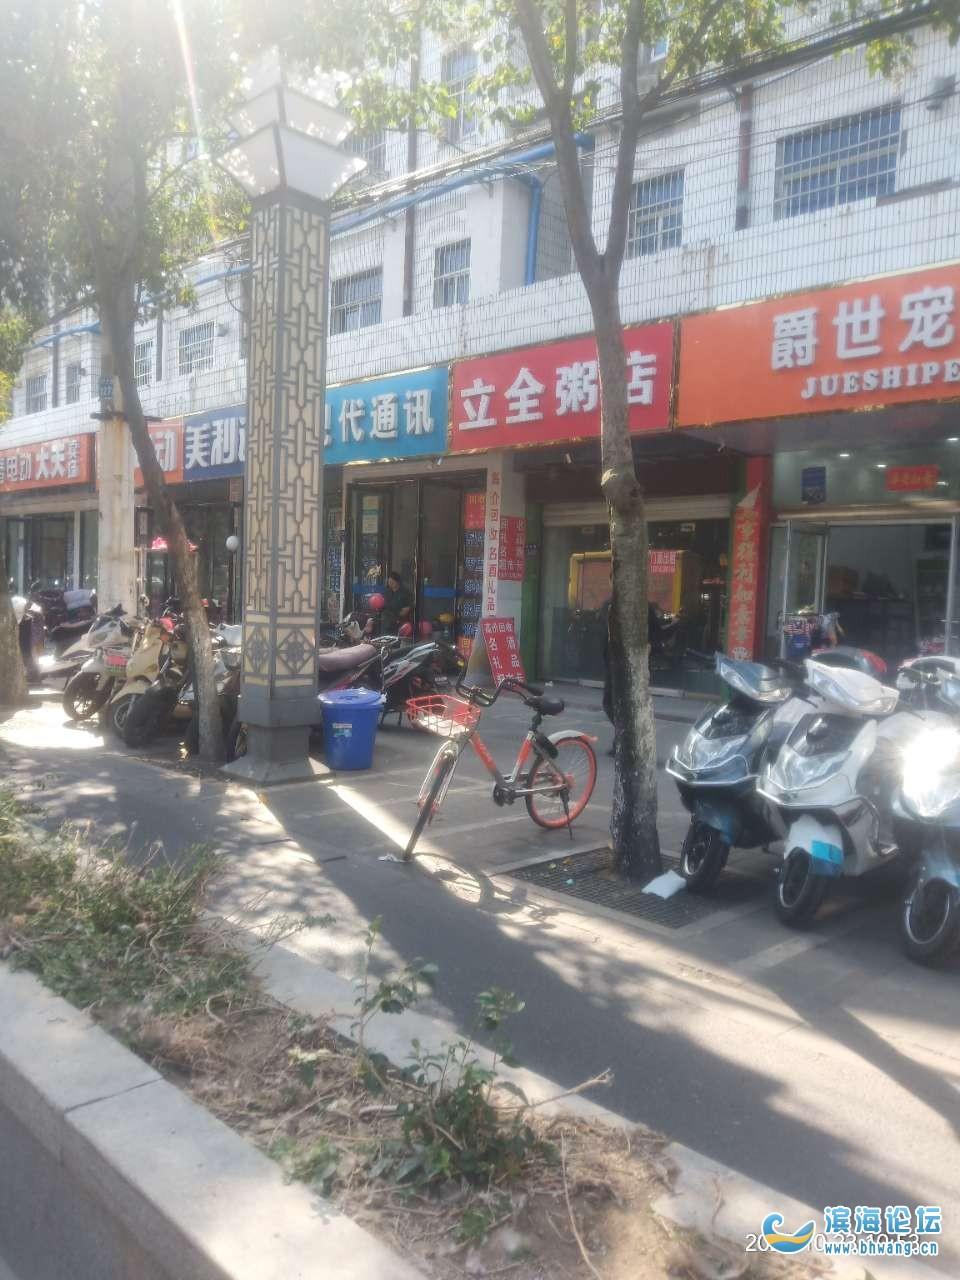 摩拜的共享單車要進入濱海了?